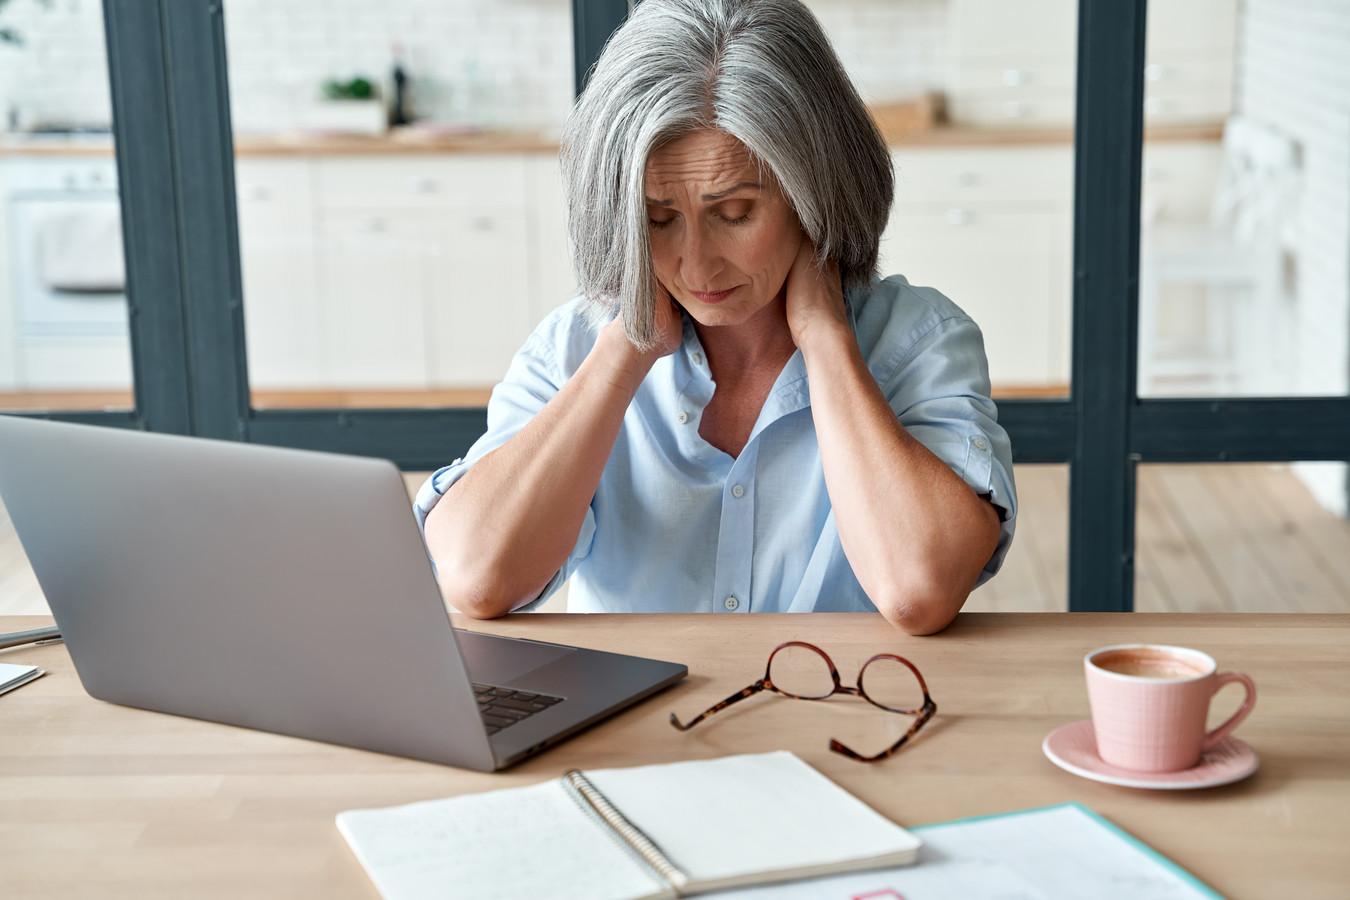 Foto ter illustratie. Veel vrouwen hebben tijdens de overgang last van vermoeidheid.